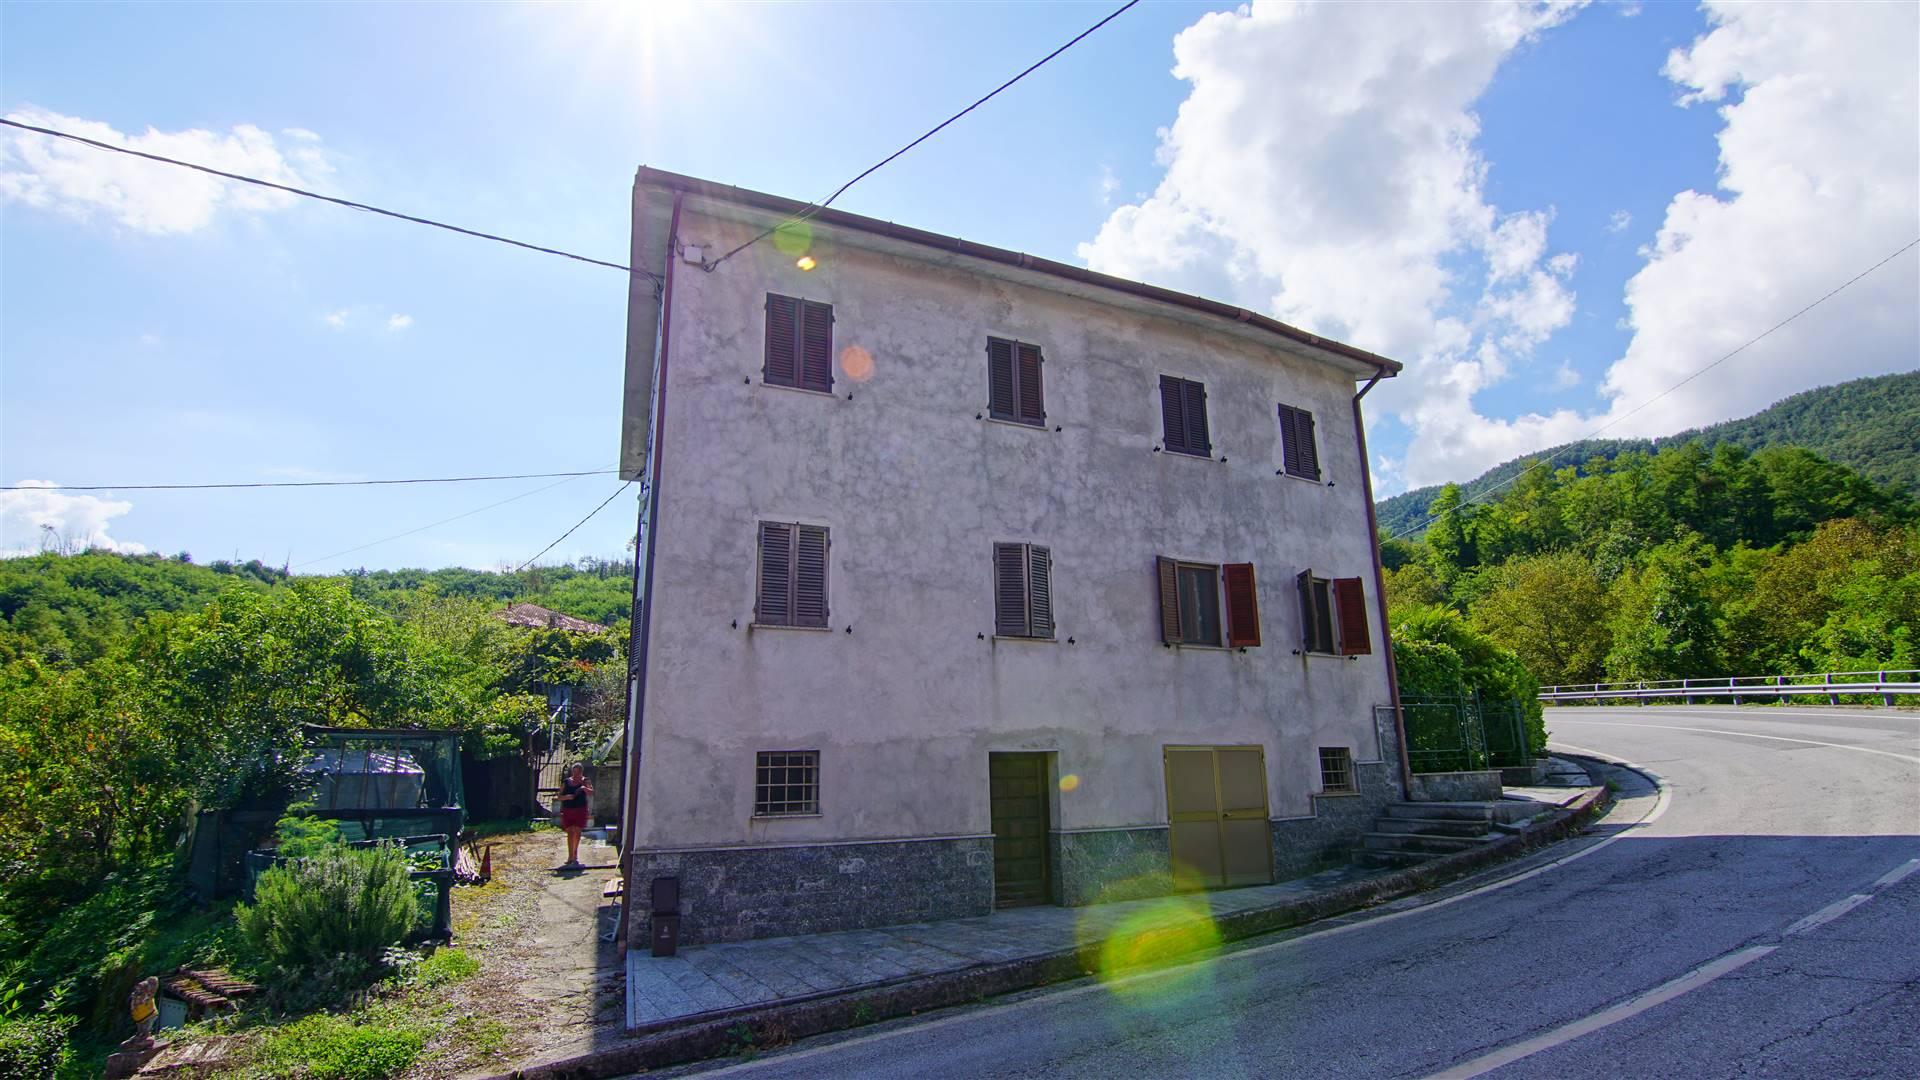 Appartamento in vendita a Carrodano, 5 locali, zona Località: CARRODANO INFERIORE, prezzo € 110.000 | PortaleAgenzieImmobiliari.it